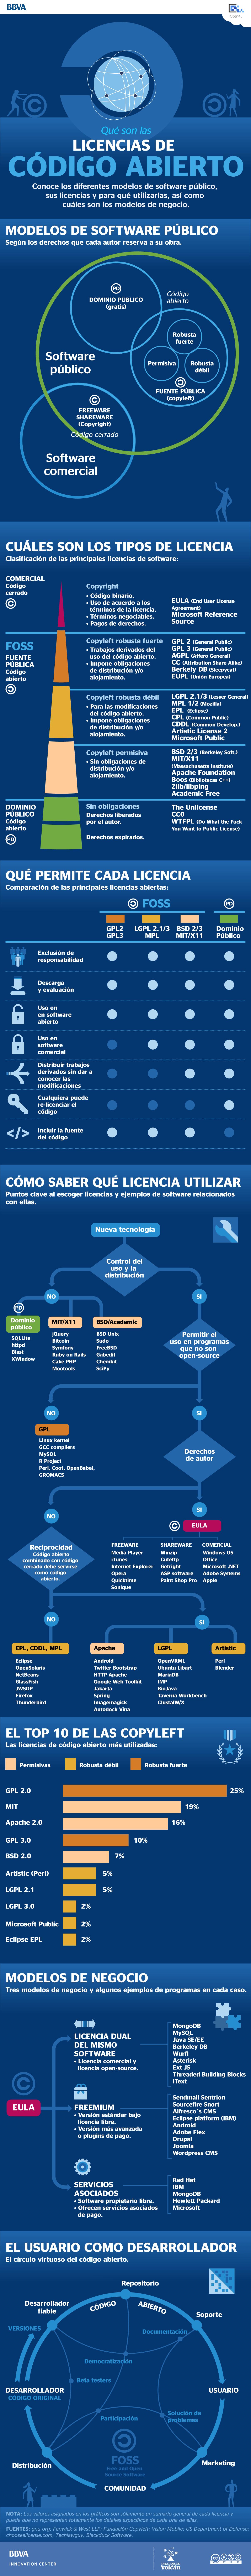 Infografía: ¿Qué son las licencias de código abierto?